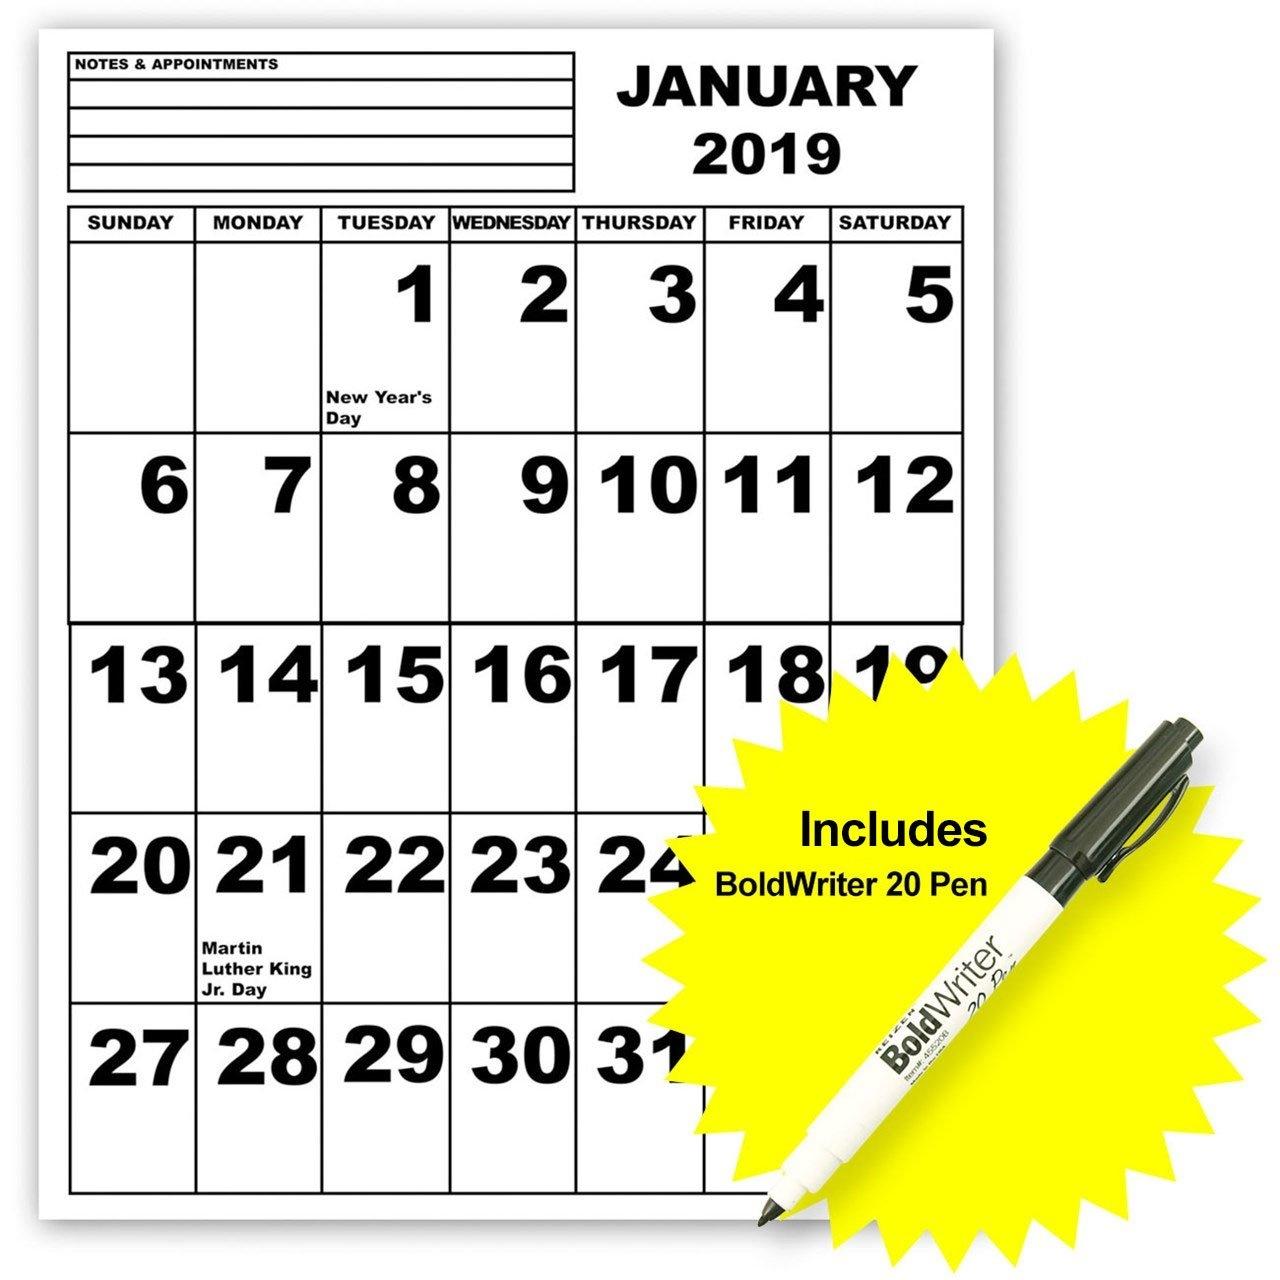 Maxiaids | Jumbo Print Calendar - 2019 With Boldwriter 20 Pen Calendar 2019 20